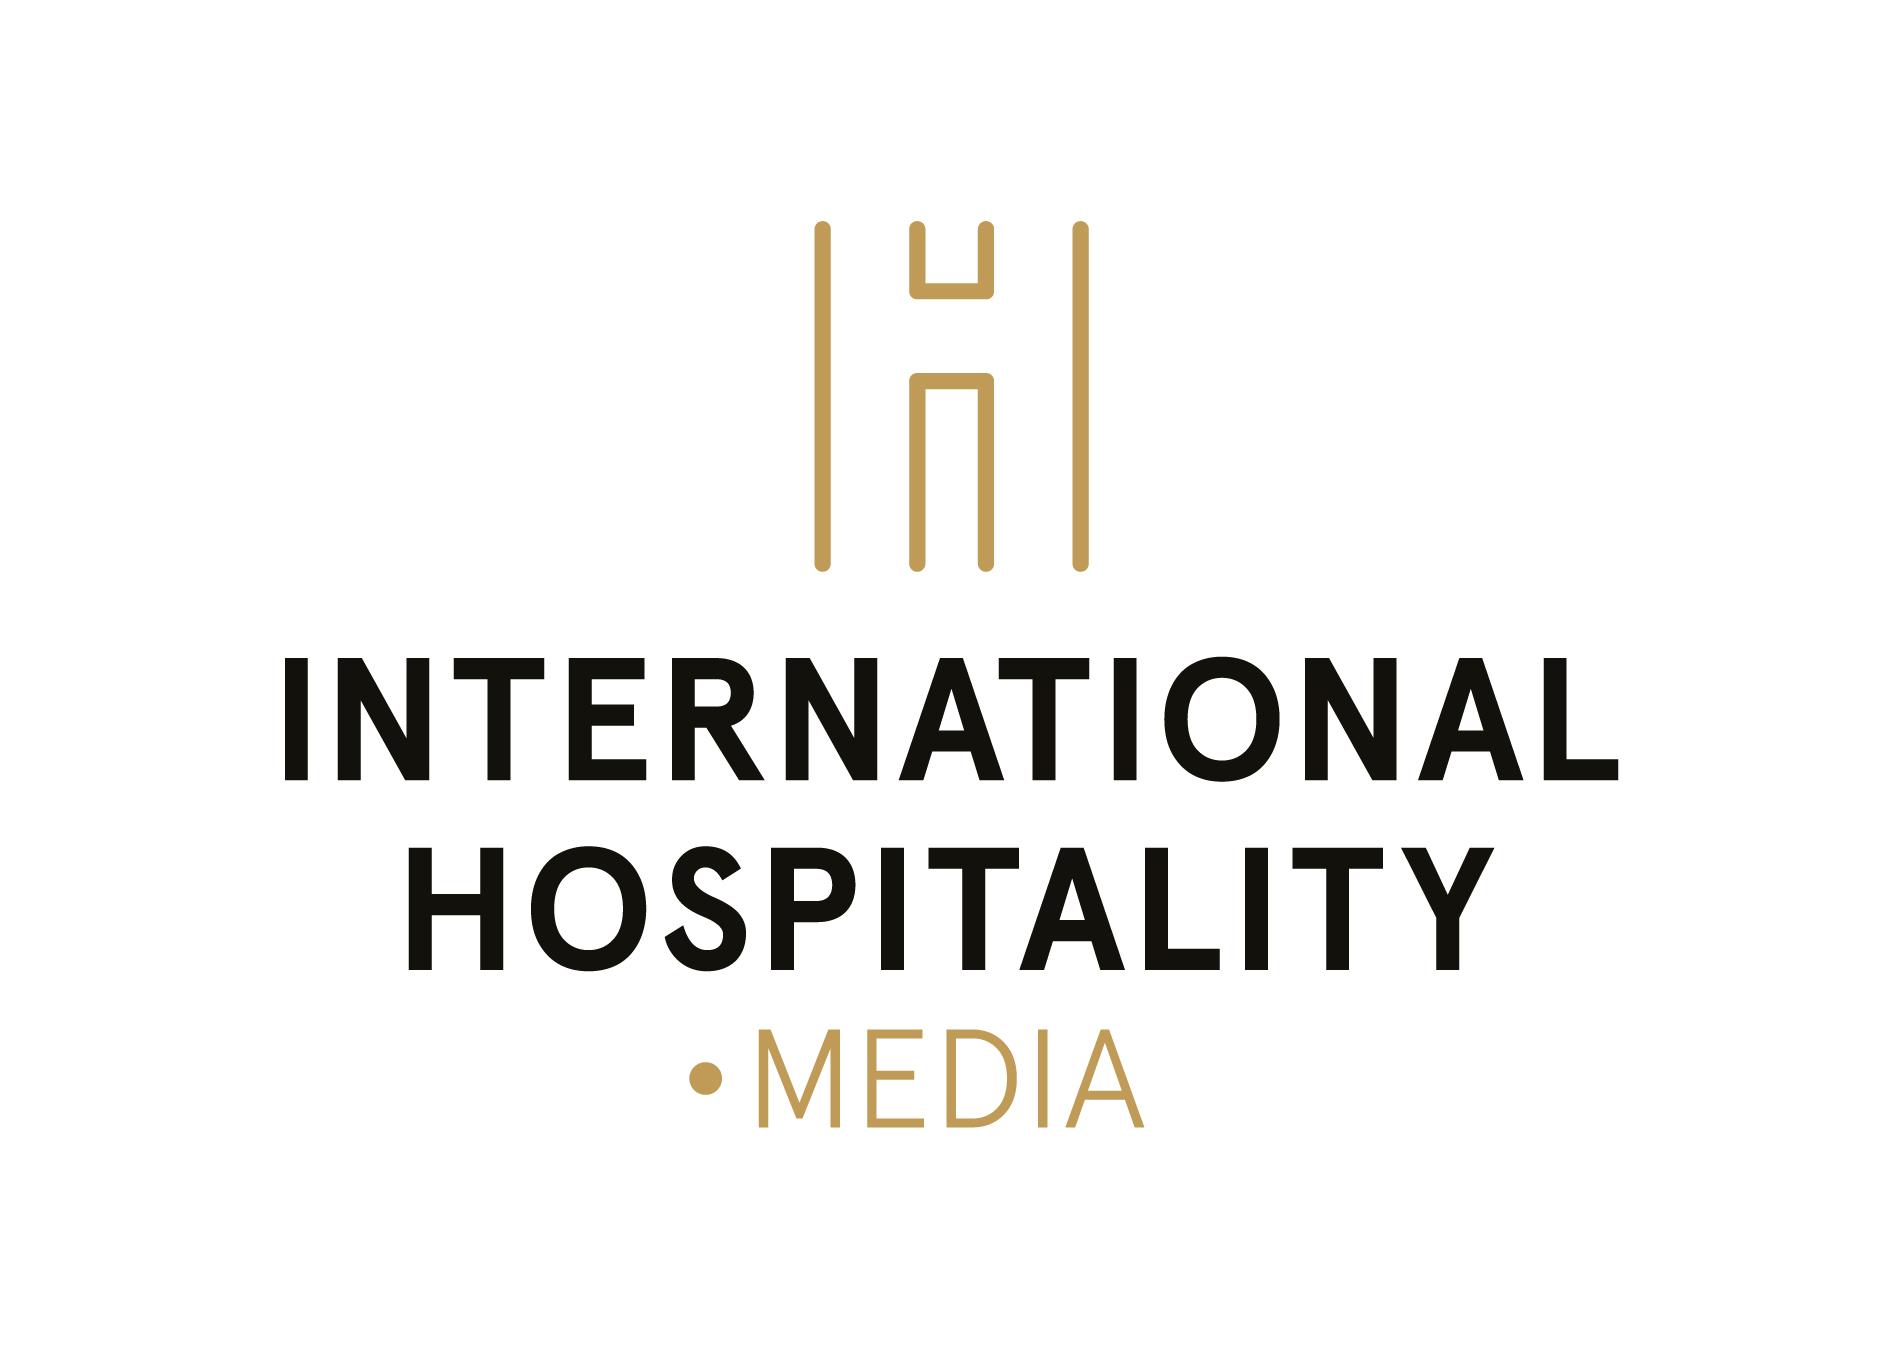 International Hospitality Media